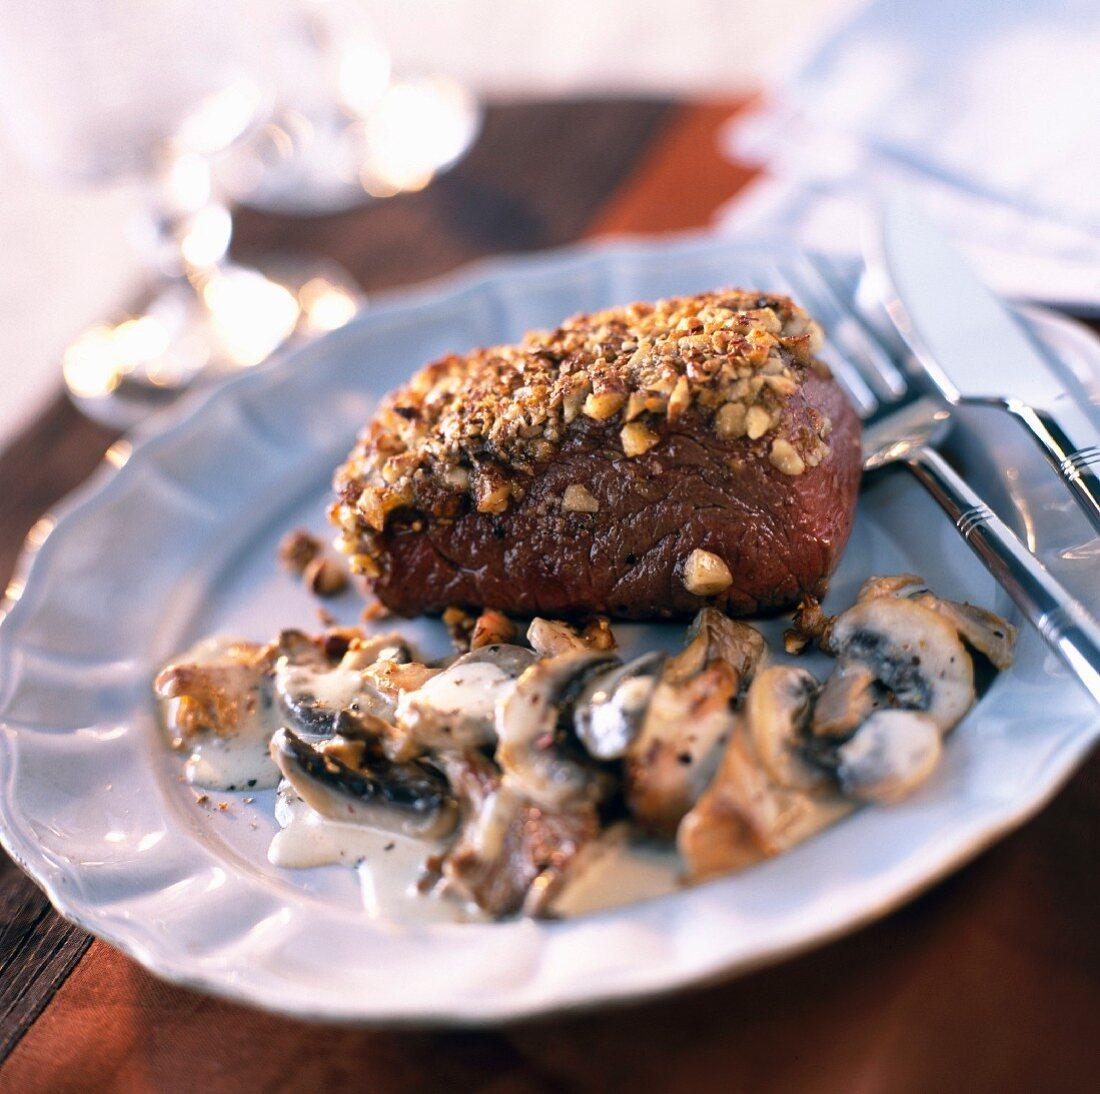 Steak von der Hirschkuh mit Pilzen